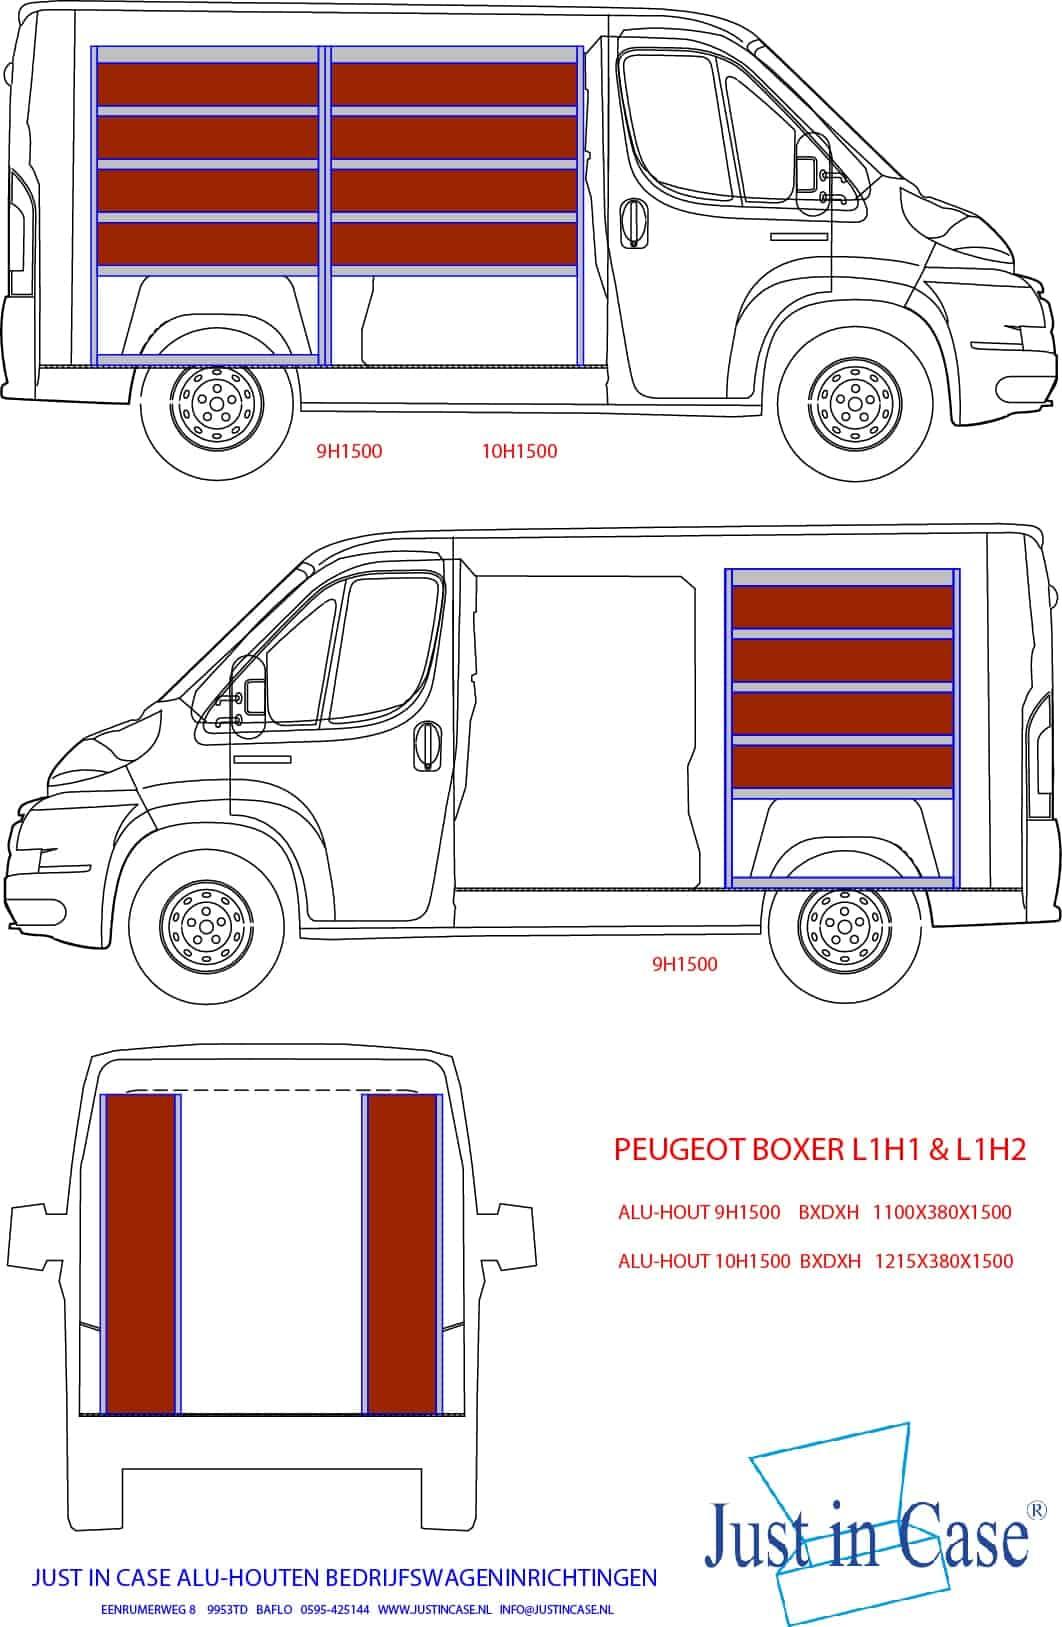 Peugeot Boxer bedrijfswageninrichting tekening